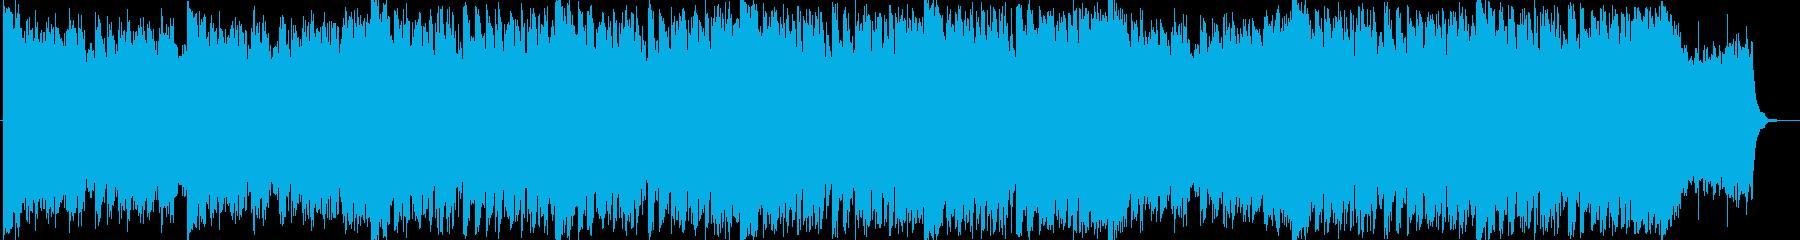 未来、最先端なサウンドの再生済みの波形